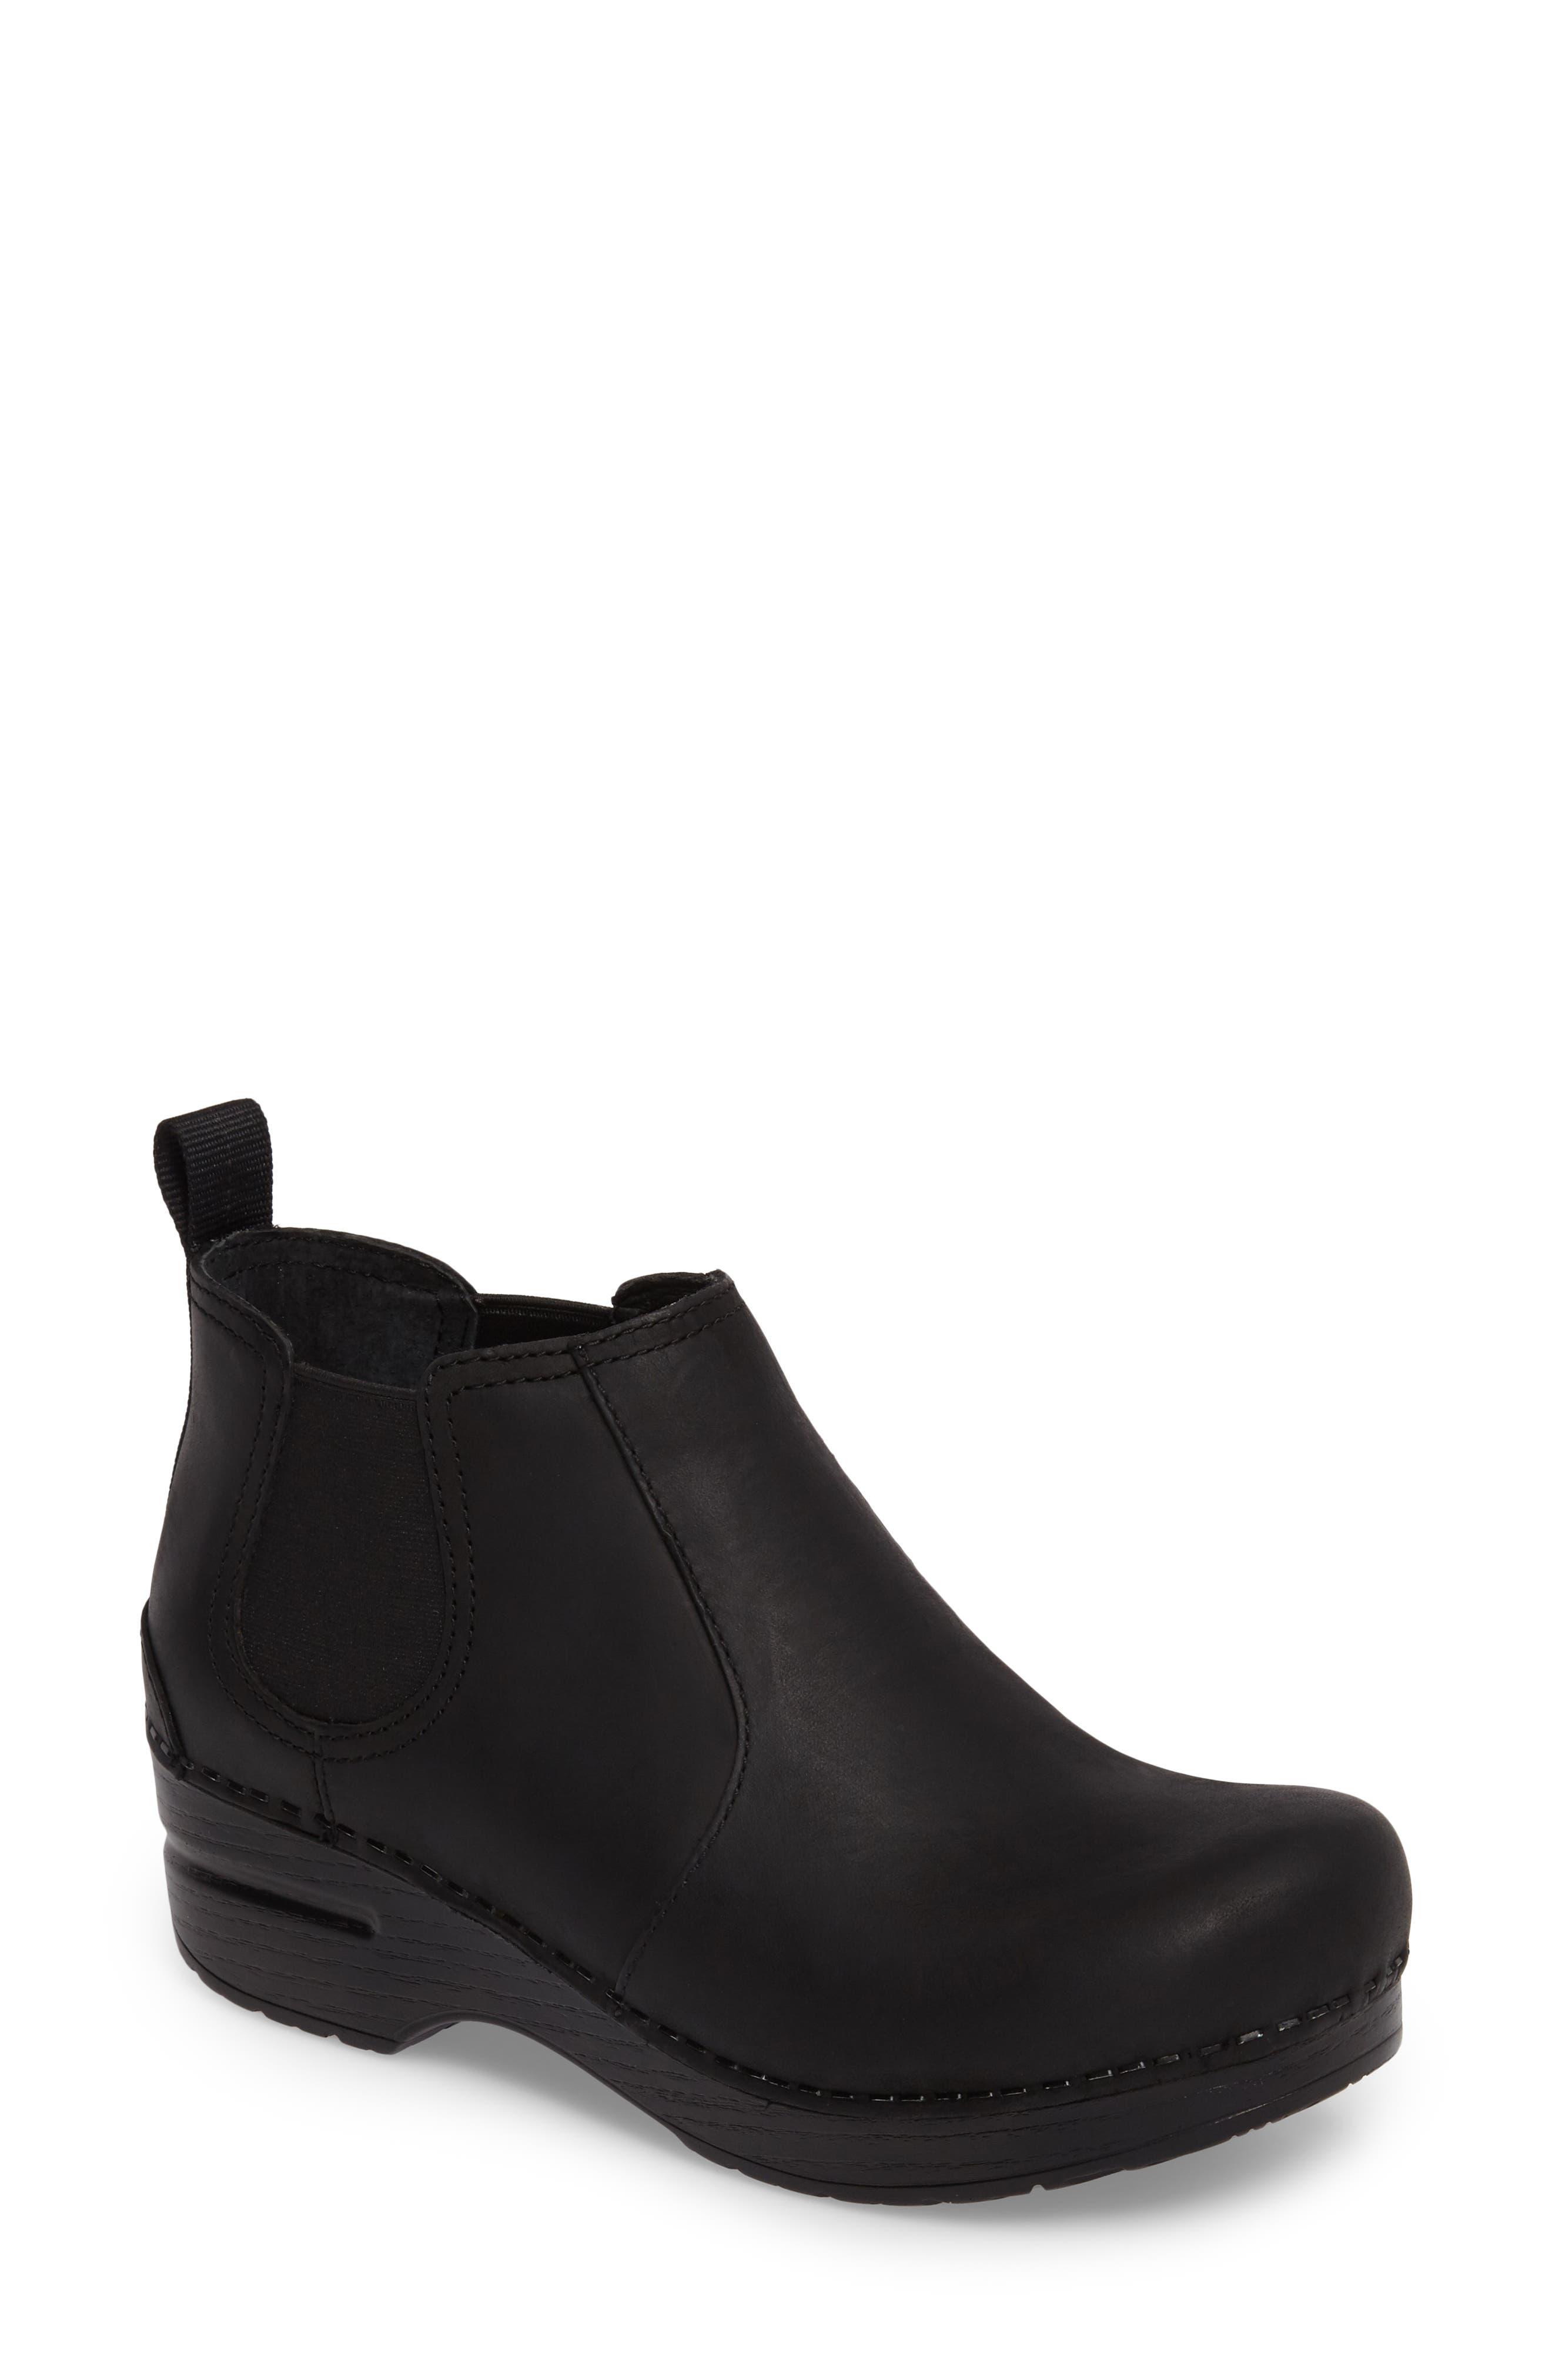 6c7bc839288c3c Women s Dansko Booties   Ankle Boots